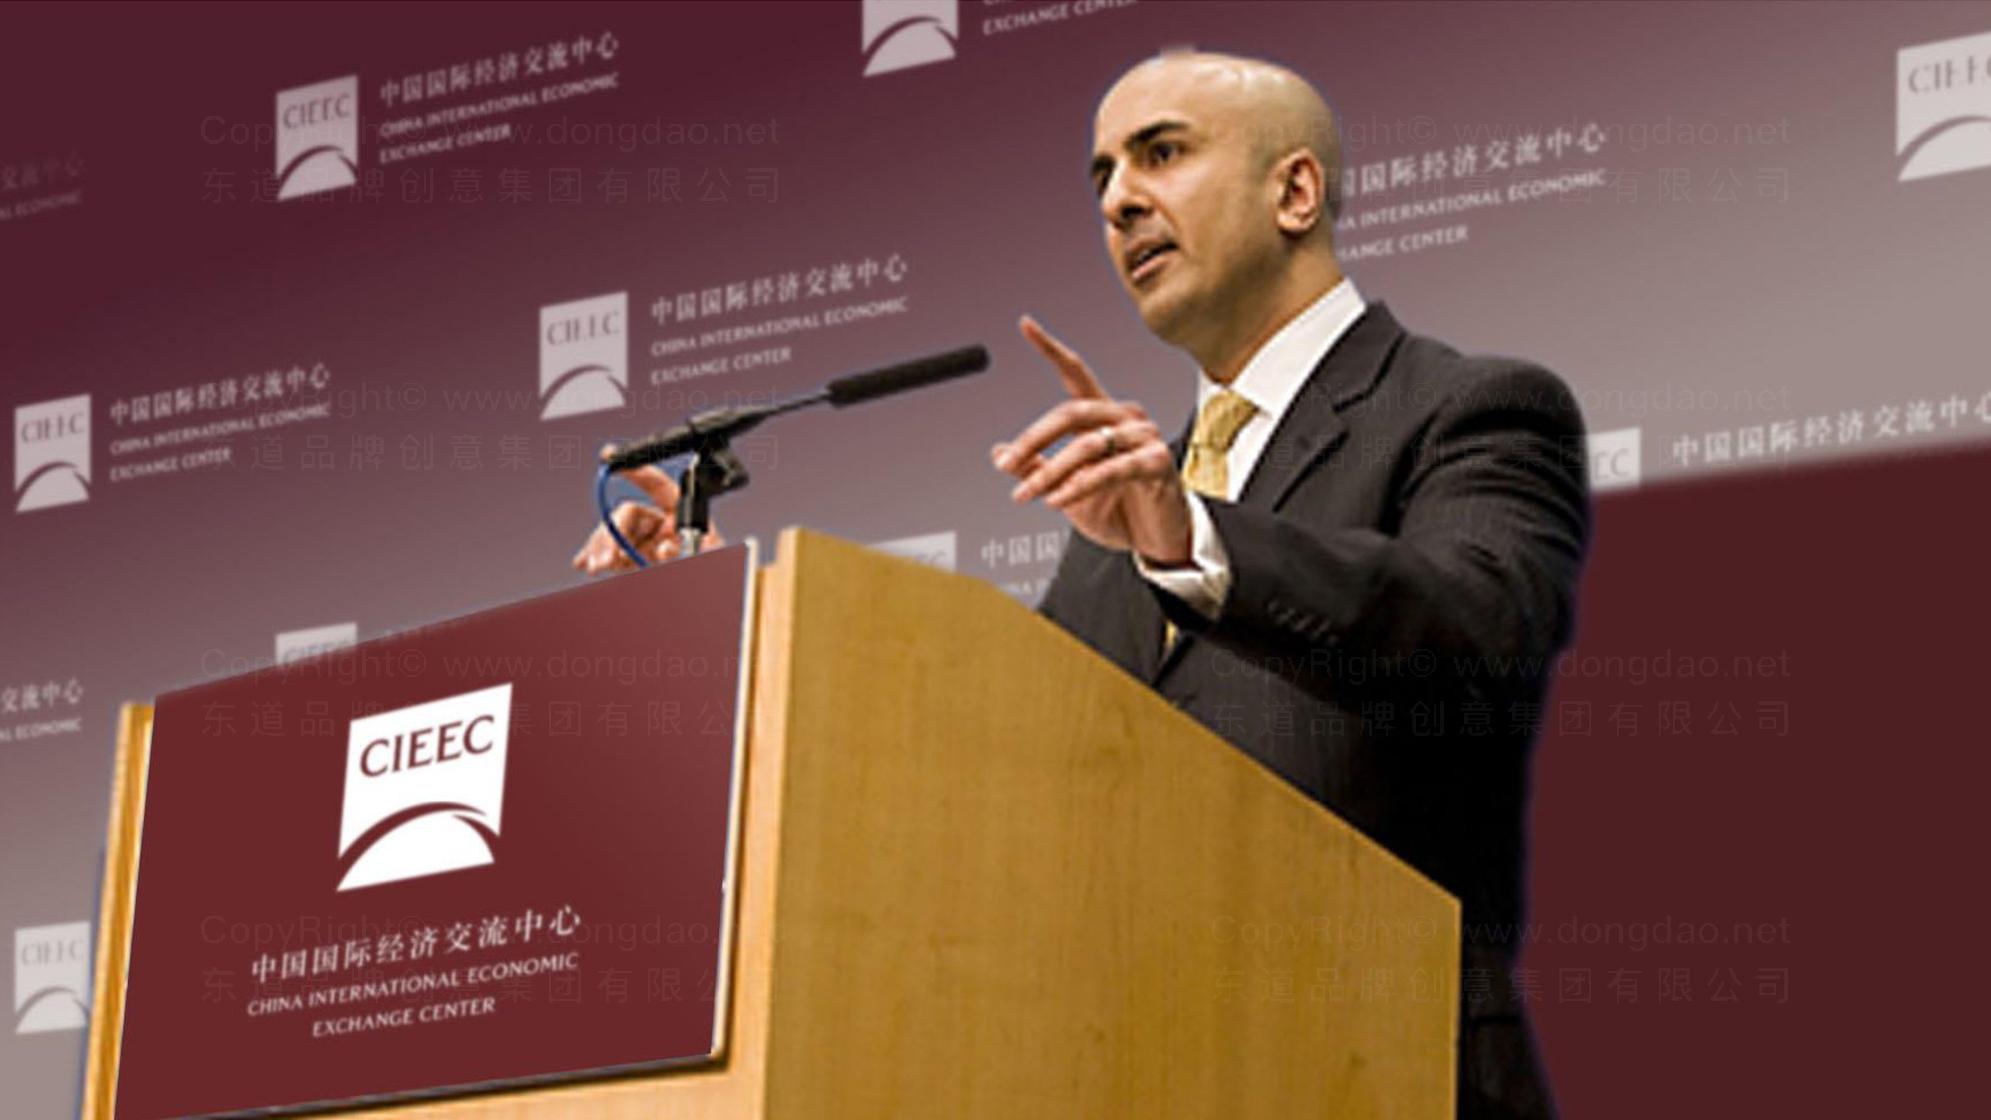 品牌设计中国国际经济交流中心LOGO设计应用场景_1